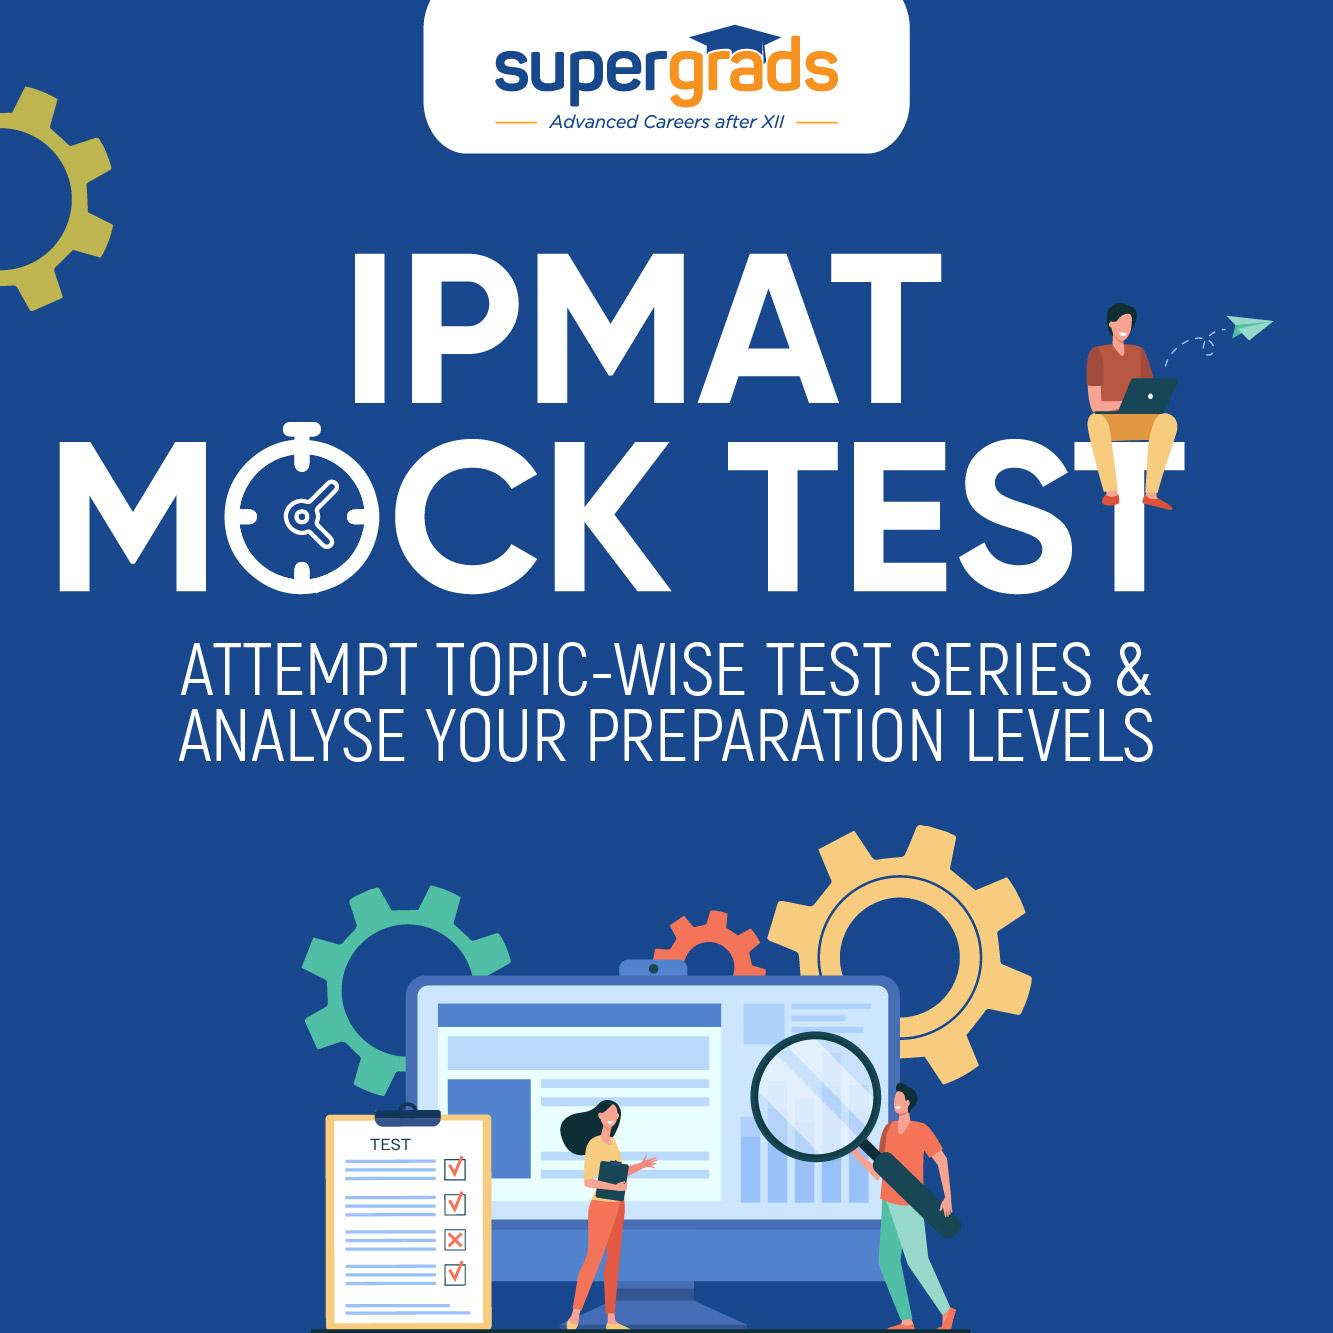 IPMAT mock test